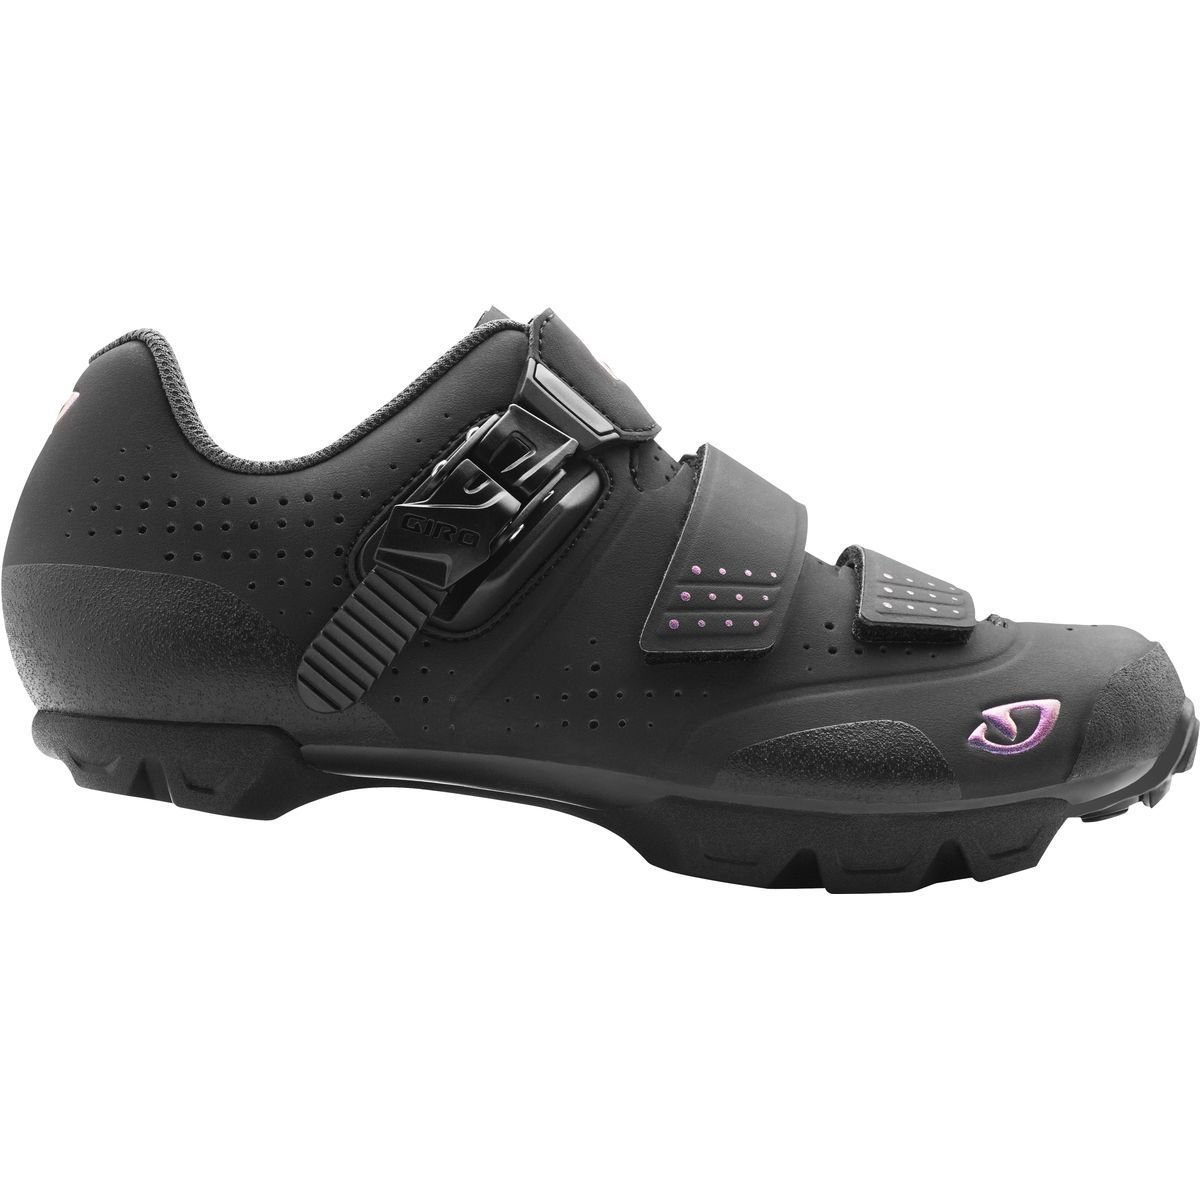 Giro Manta R Cycling Shoe - Women's Black, 39.0